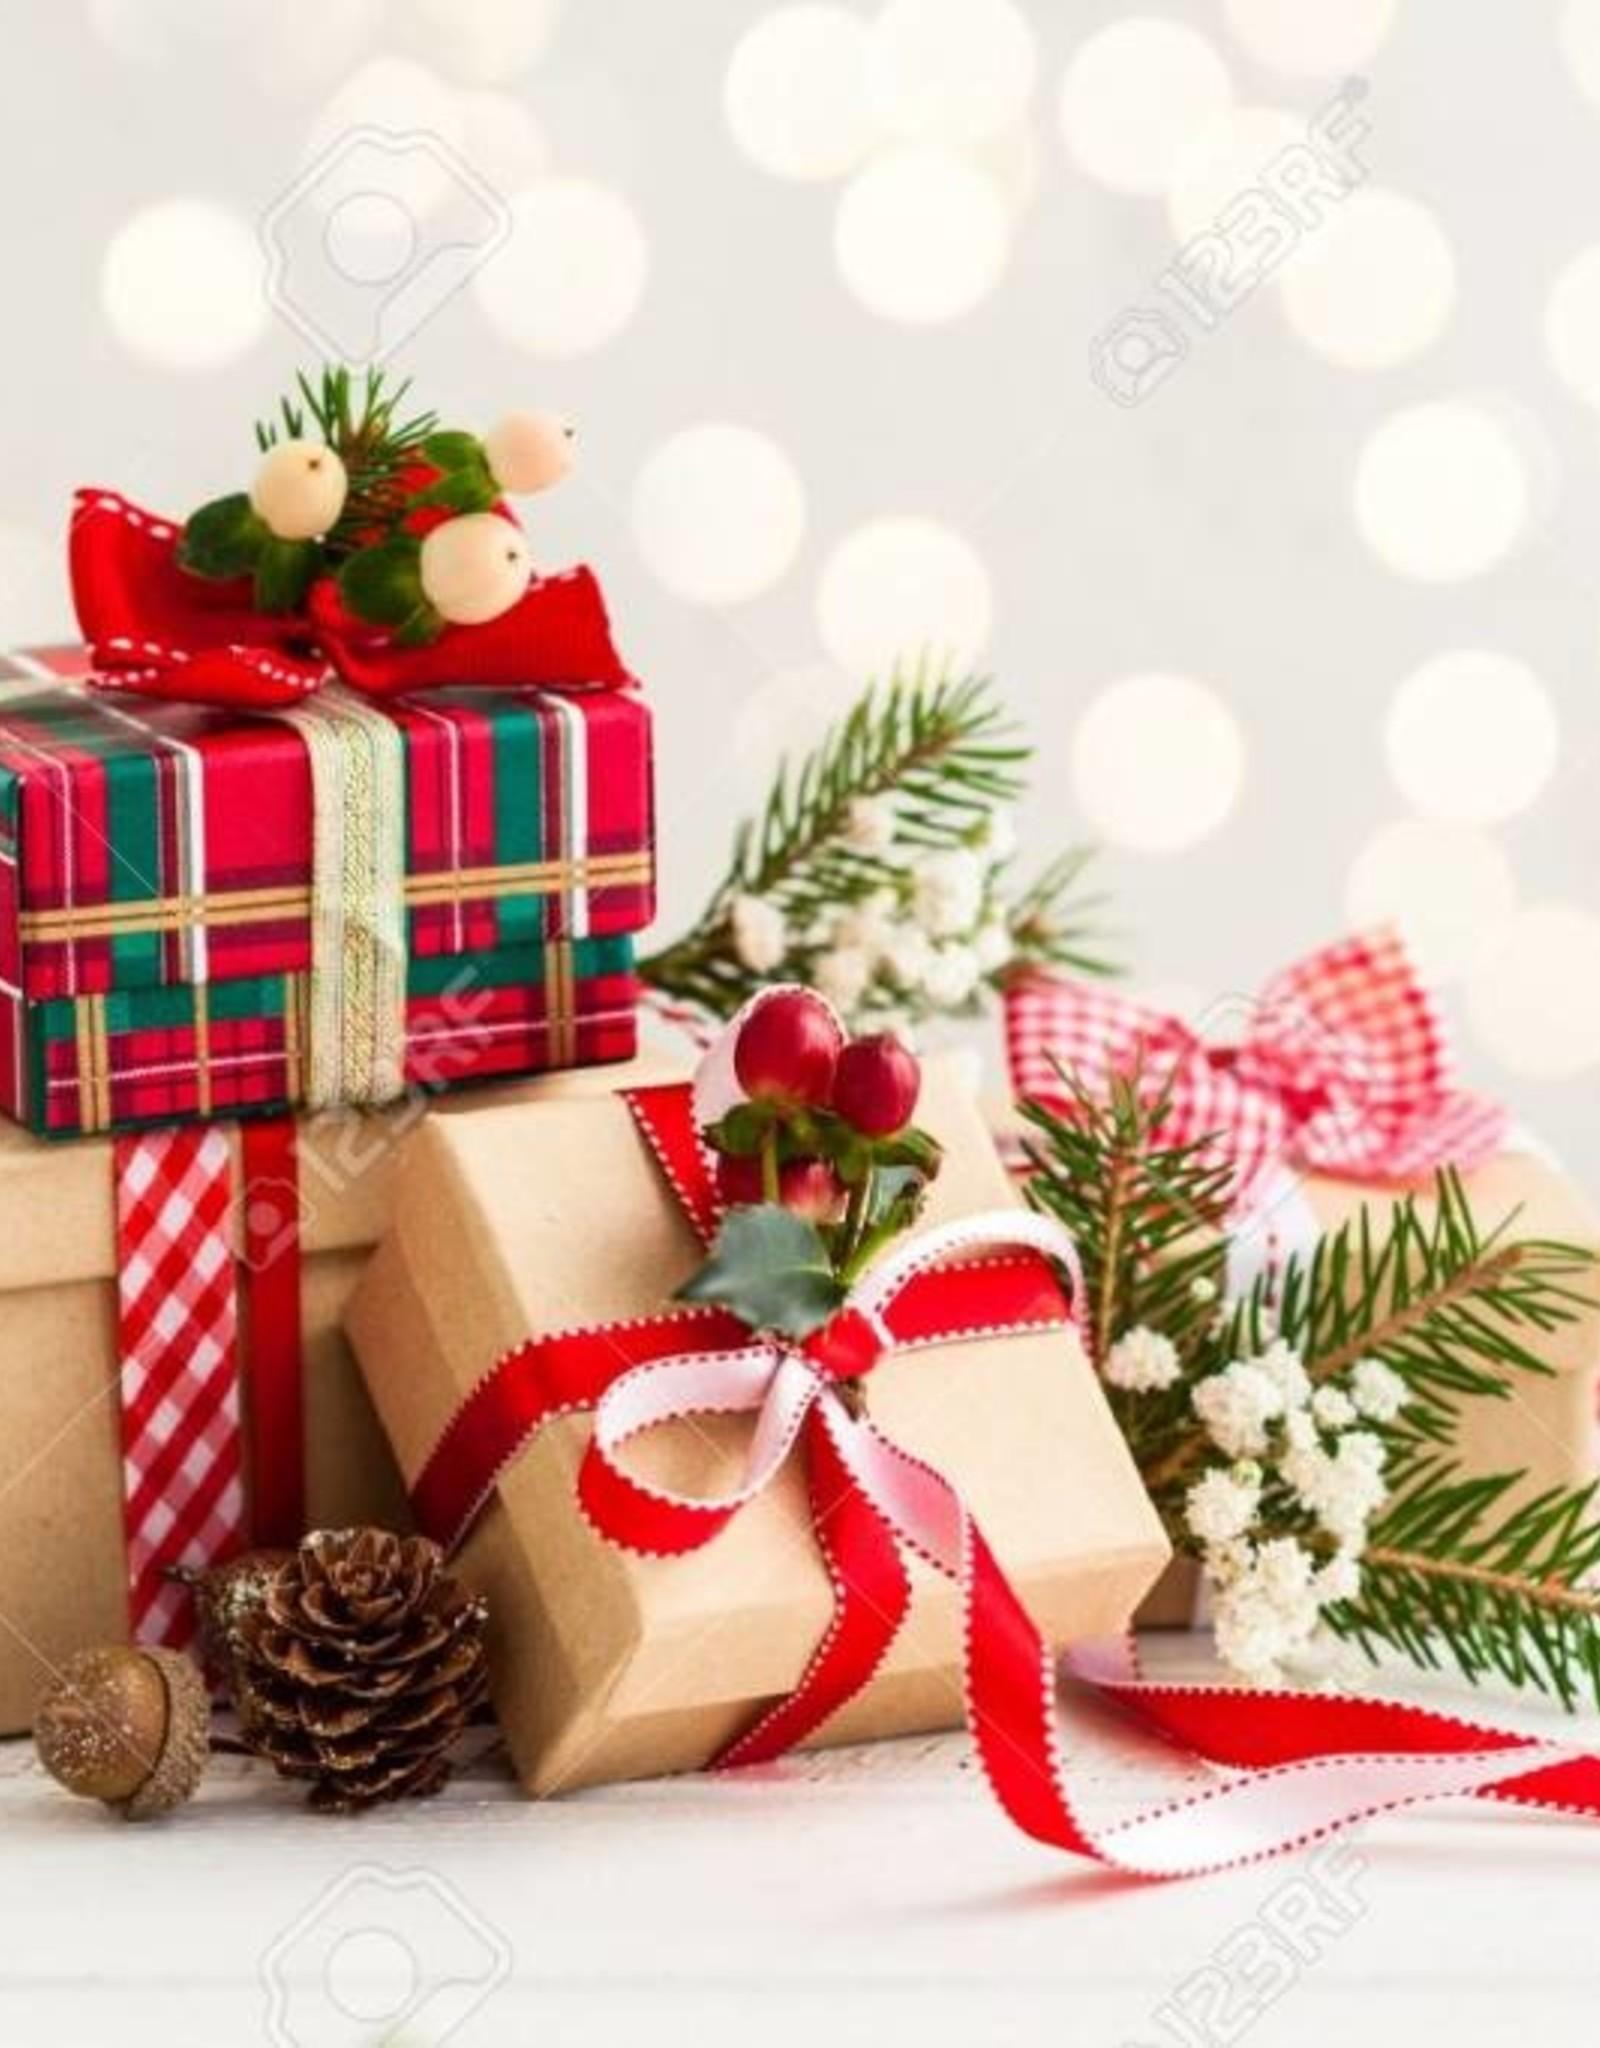 Kerst kado's voor onder de kerstboom